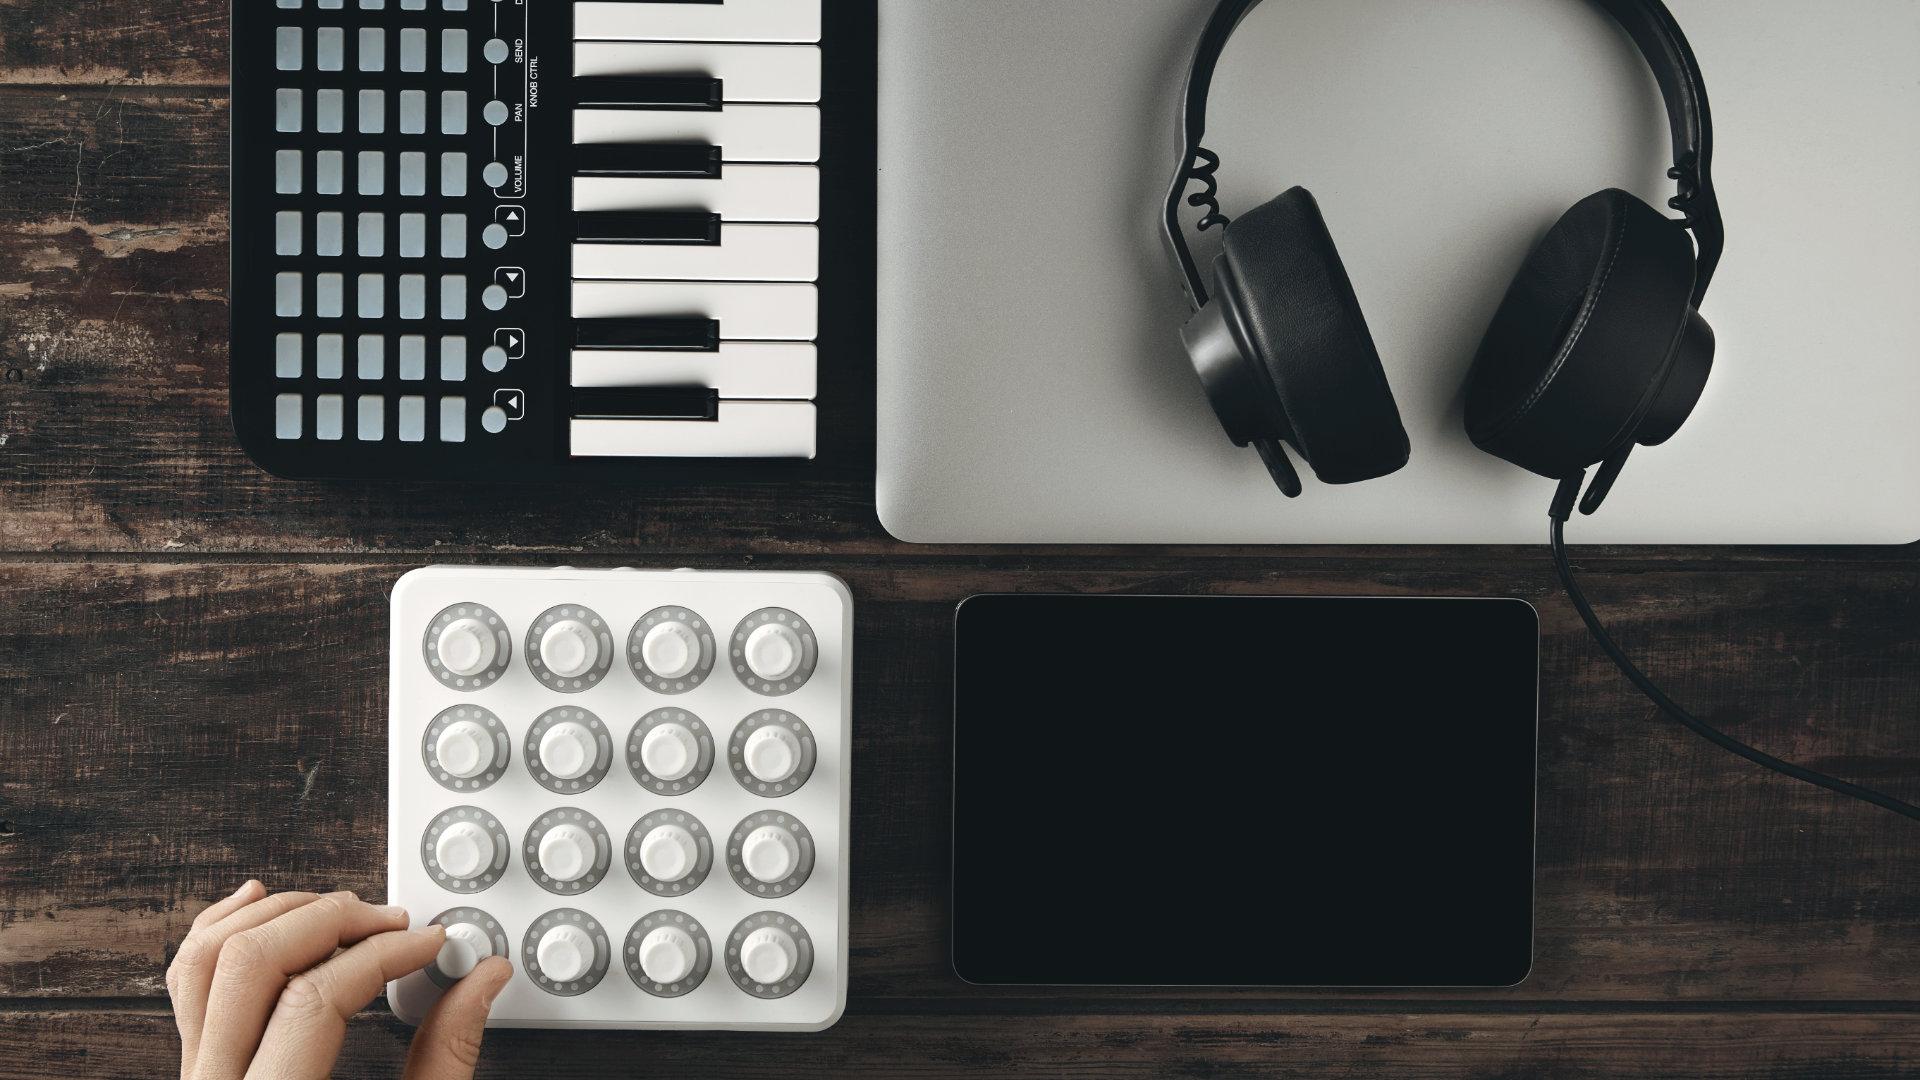 minimalist music production setup 2021 - decibel peak